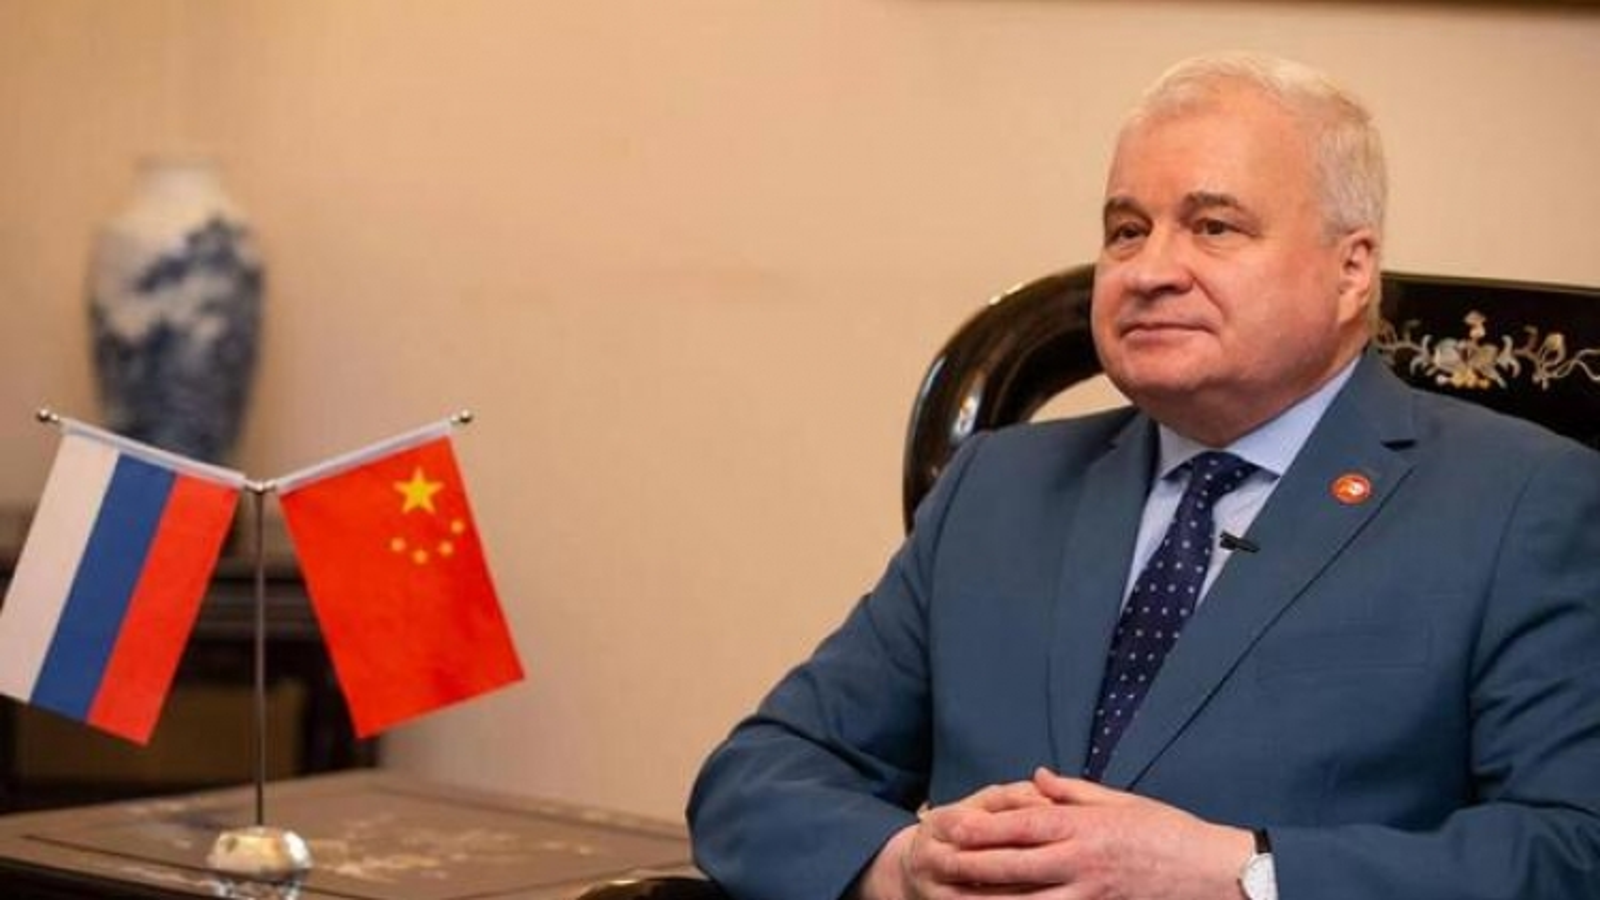 """Đại sứ Nga tại Trung Quốc: """"Chúng tôi thông minh hơn người Mỹ nghĩ"""""""